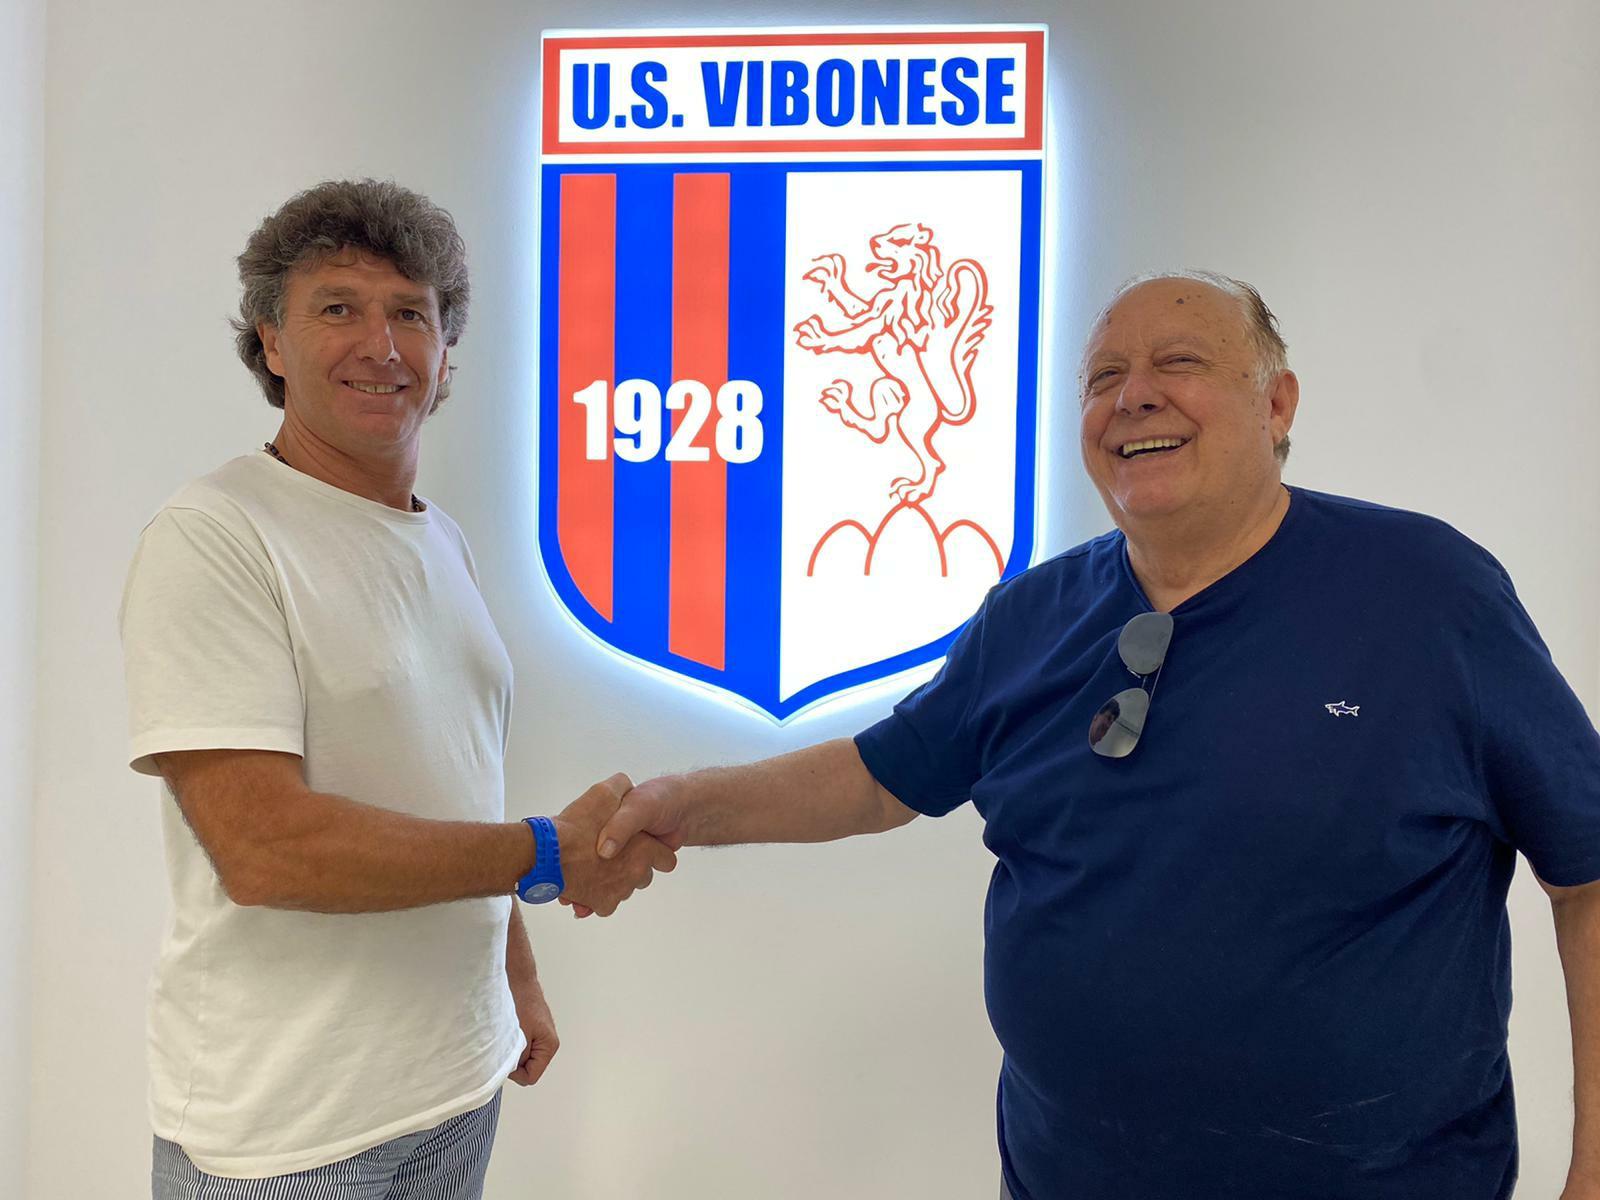 UFFICIALE: Angelo Galfano è il nuovo allenatore, sarà affiancato dal professore Giovanni Saffioti immagine 14932 US Vibonese Calcio